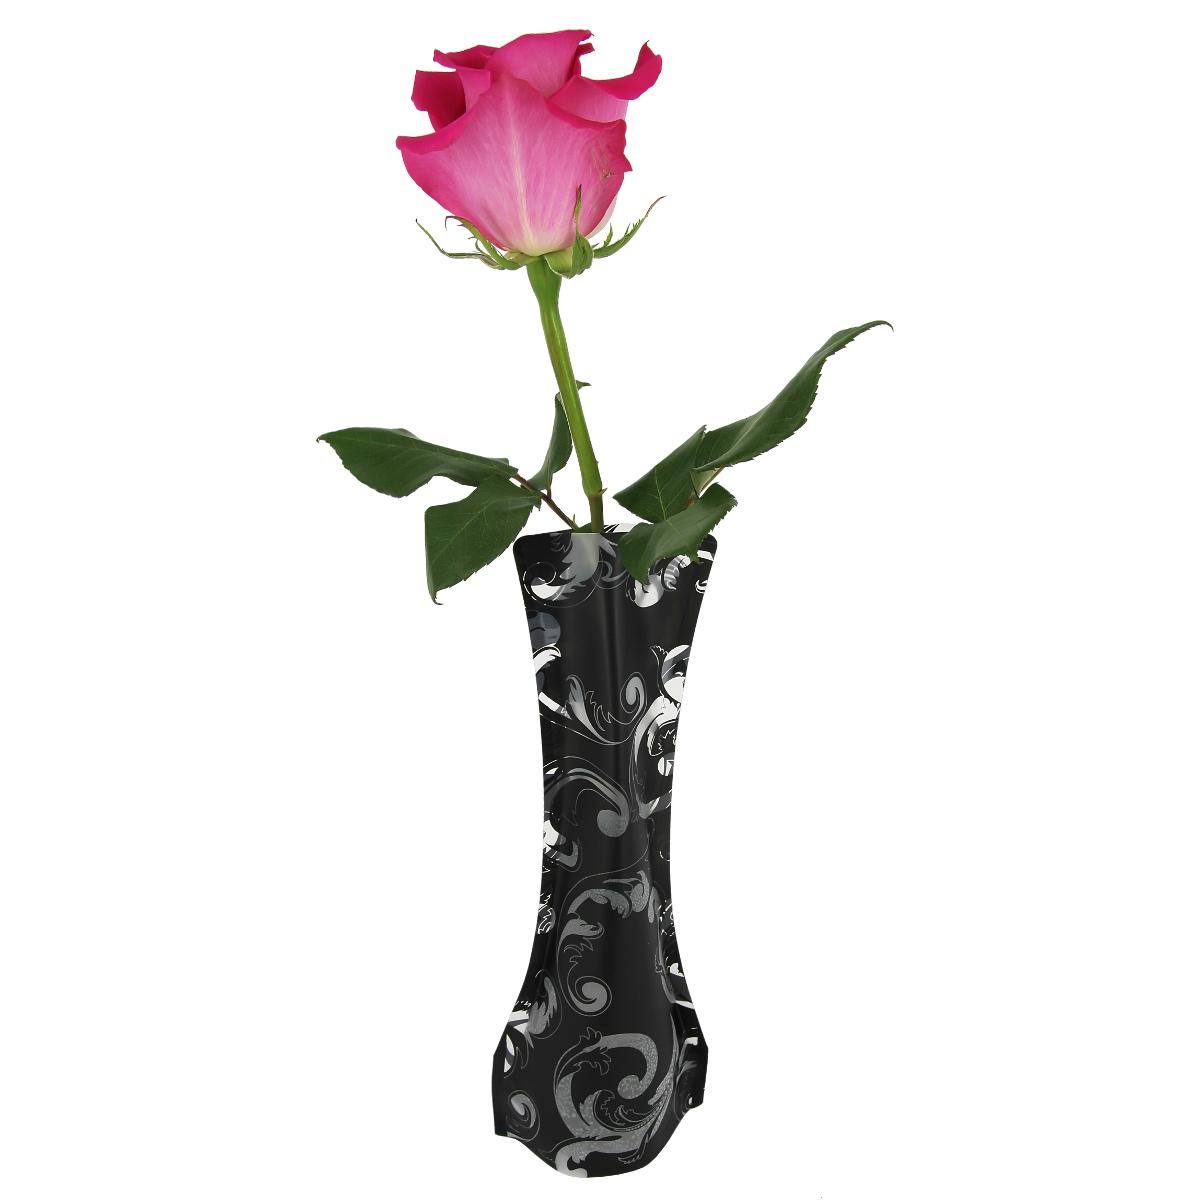 Ваза МастерПроф Зимний узор, пластичная, 0,4 лHS.040036Пластичная ваза Зимний узор легко складывается, удобно хранится - занимает мало места, долго служит. Всегда пригодится дома, в офисе, на даче, для оформления различных меропритятий. Отлично подойдет для перевозки цветов, или просто в подарок. Инструкция: 1. Наполните вазу теплой водой; 2. Дно и стенки расправятся; 3. Вылейте воду; 4. Наполните вазу холодной водой; 5. Вставьте цветы. Меры предосторожности: Хранить вдали от источников тепла и яркого солнечного света. С осторожностью применять для растений с длинными стеблями и с крупными соцветиями, что бы избежать опрокидывания вазы.